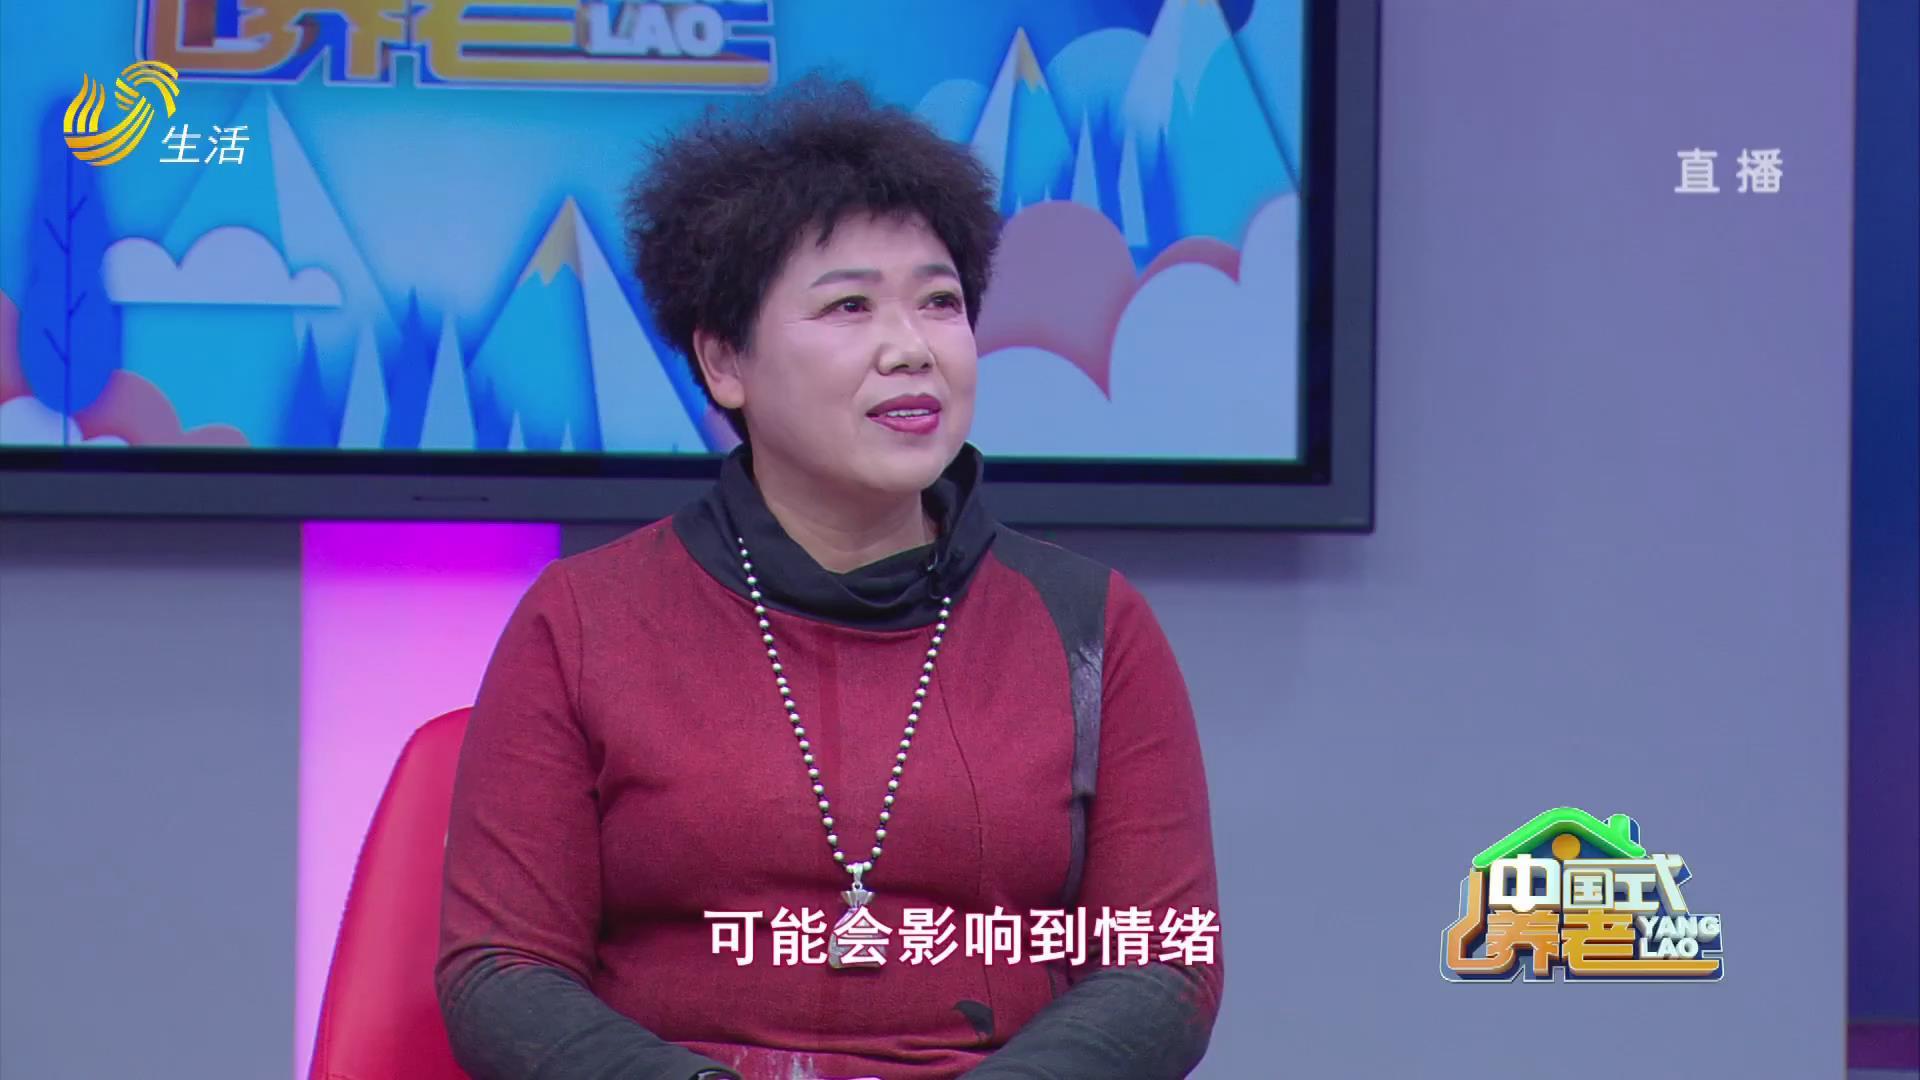 中国式养老-雷厉风行田团长 舞出健康和阳光